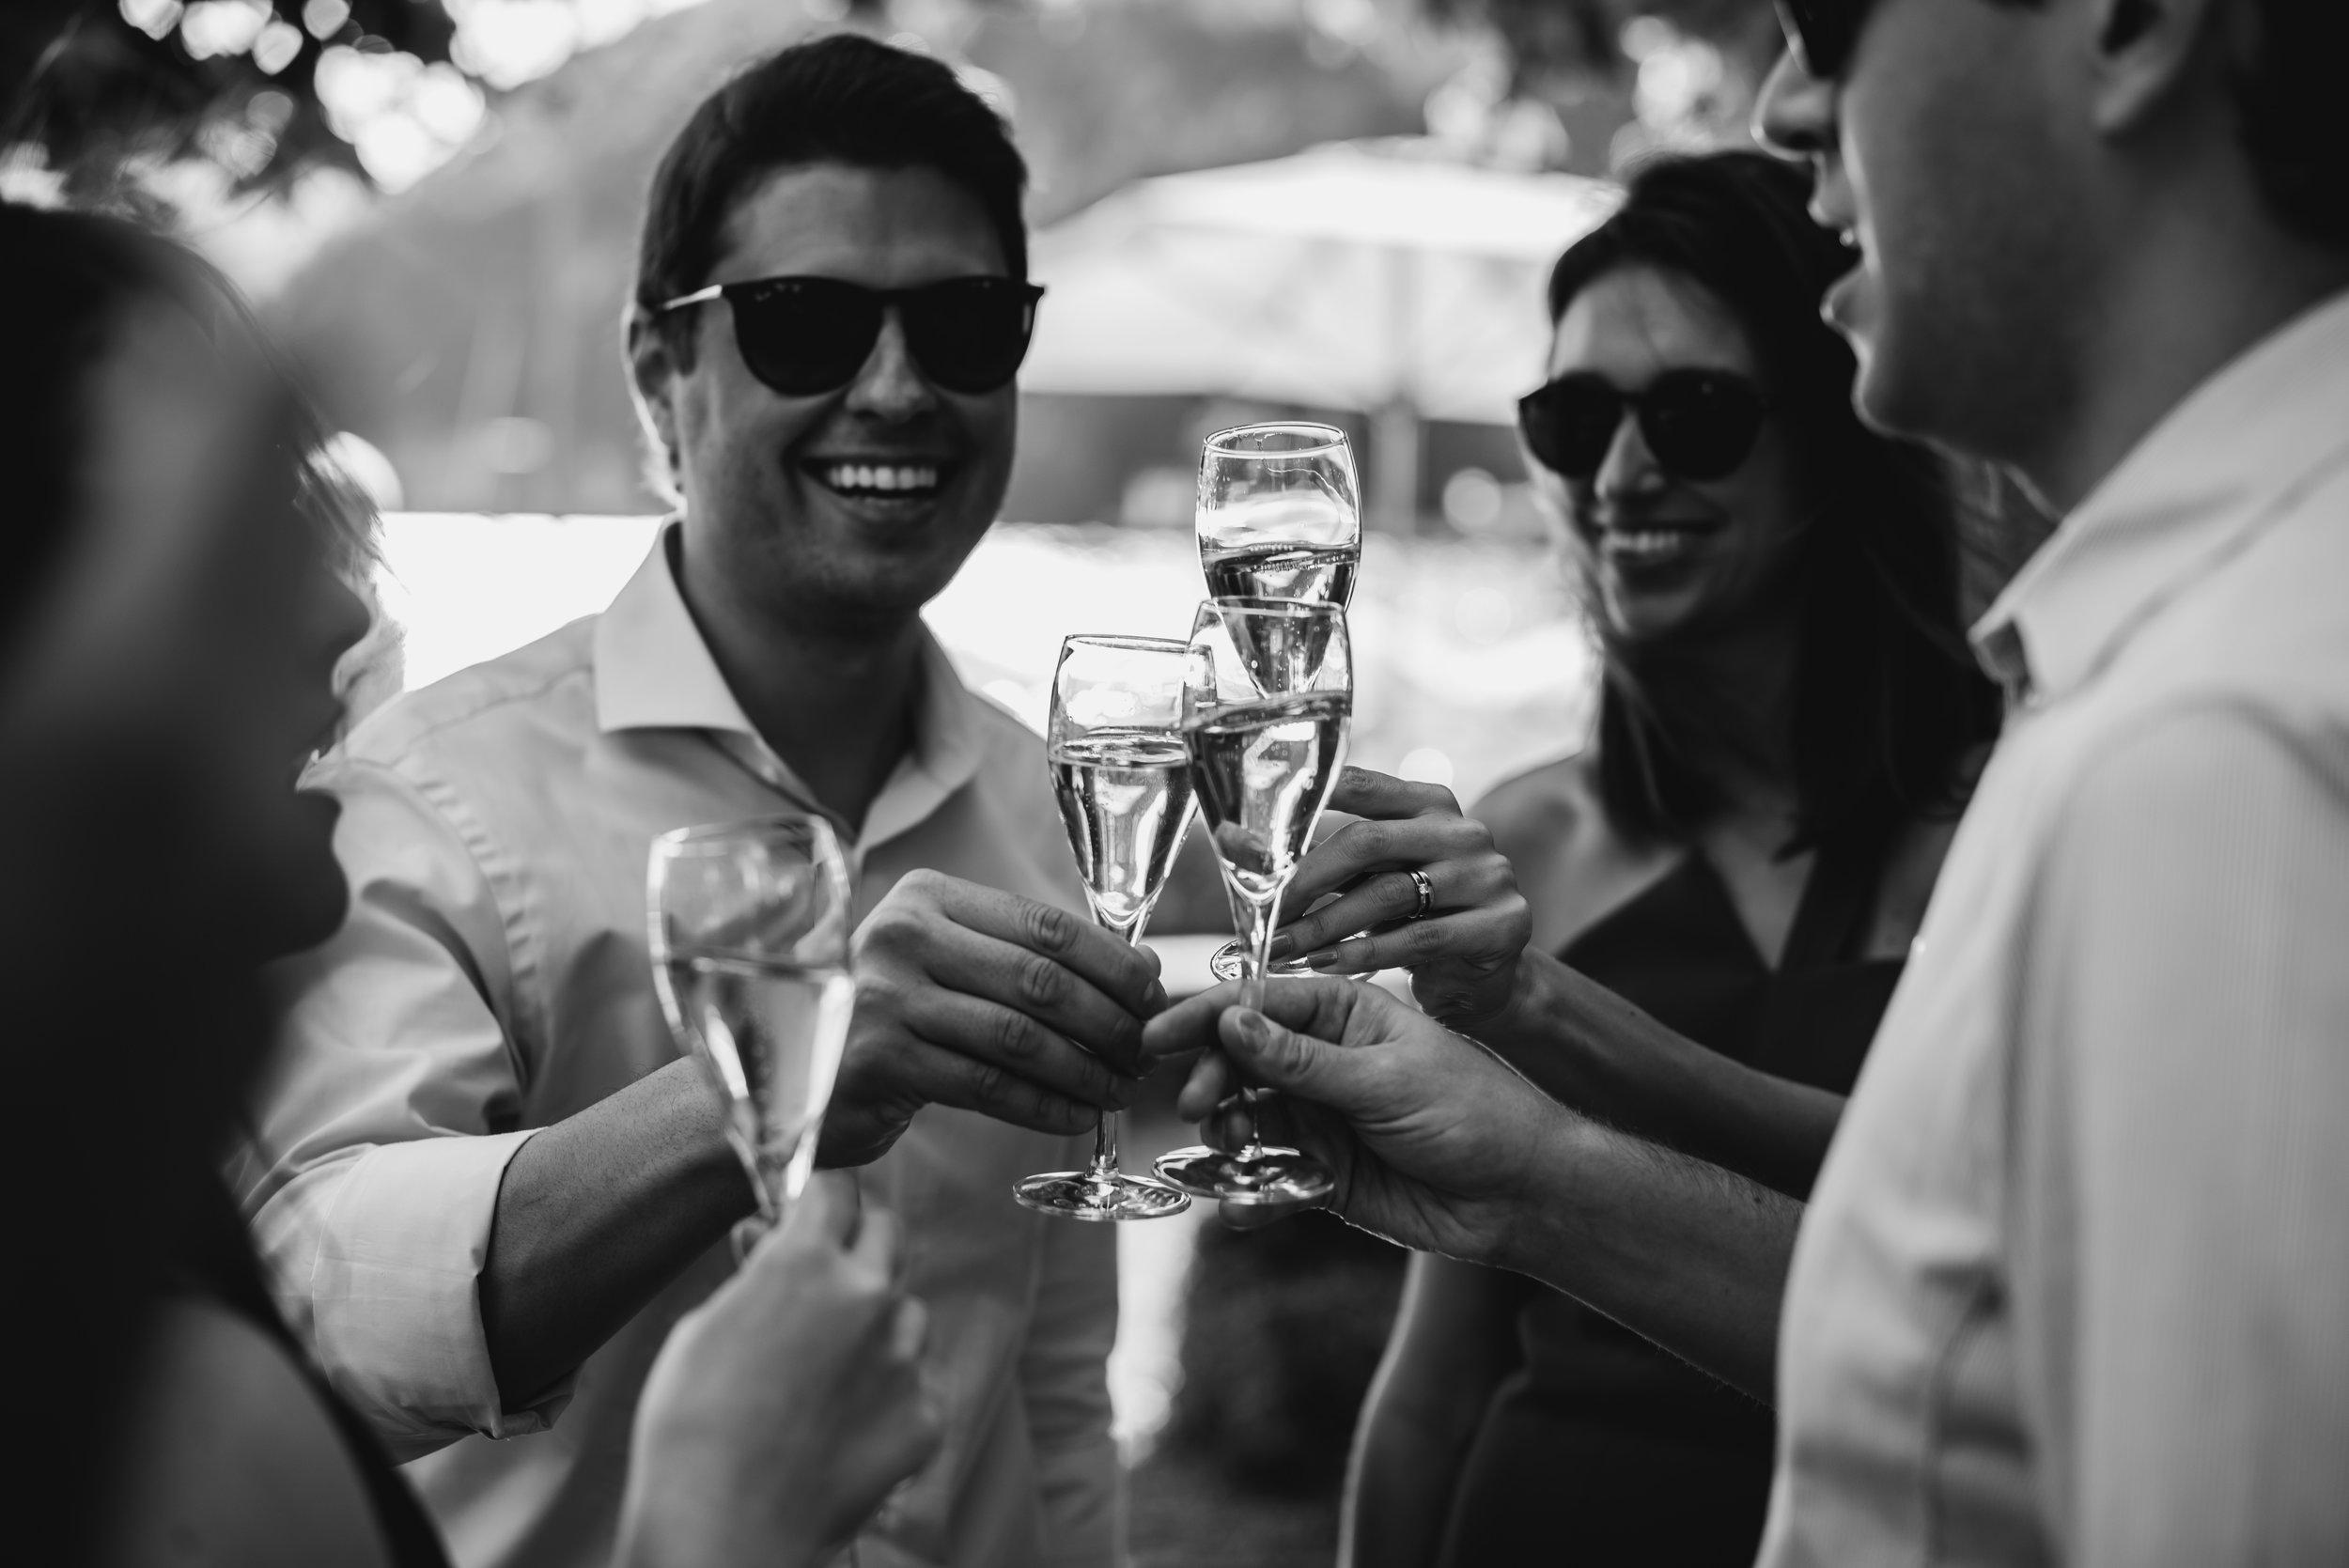 Léa-Fery-photographe-professionnel-lyon-rhone-alpes-portrait-creation-mariage-evenement-evenementiel-famille-8569.jpg